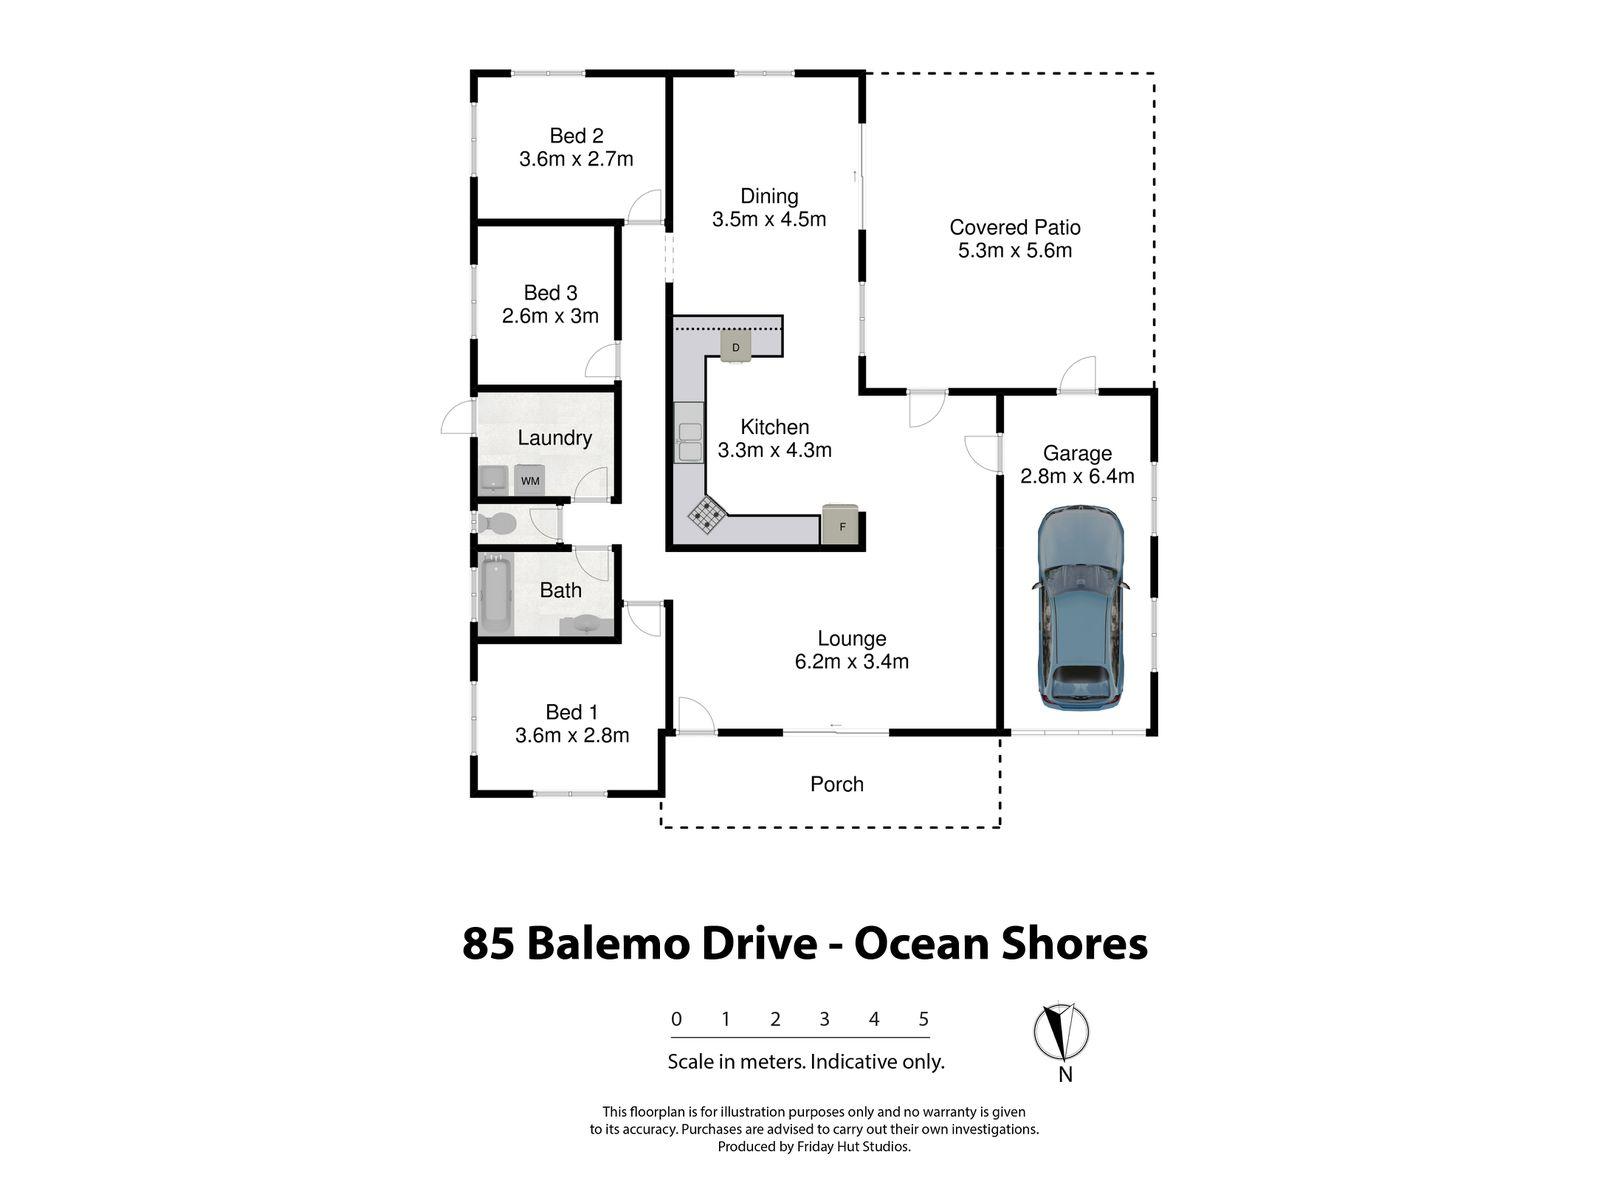 85 Balemo Drive, Ocean Shores